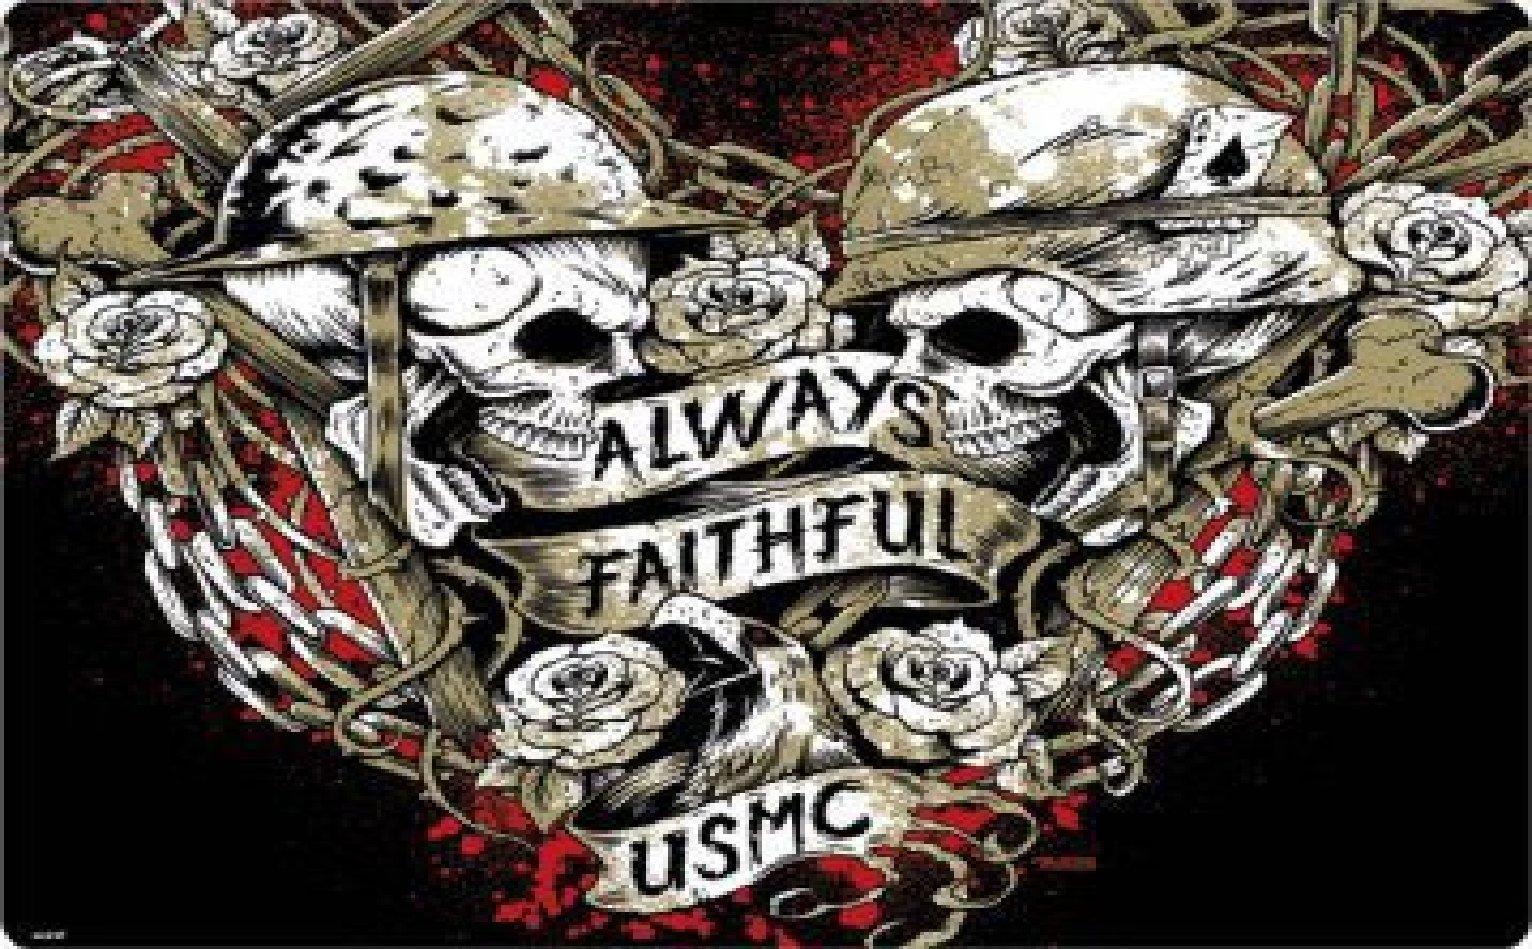 USMC Marine Corps 1532x949